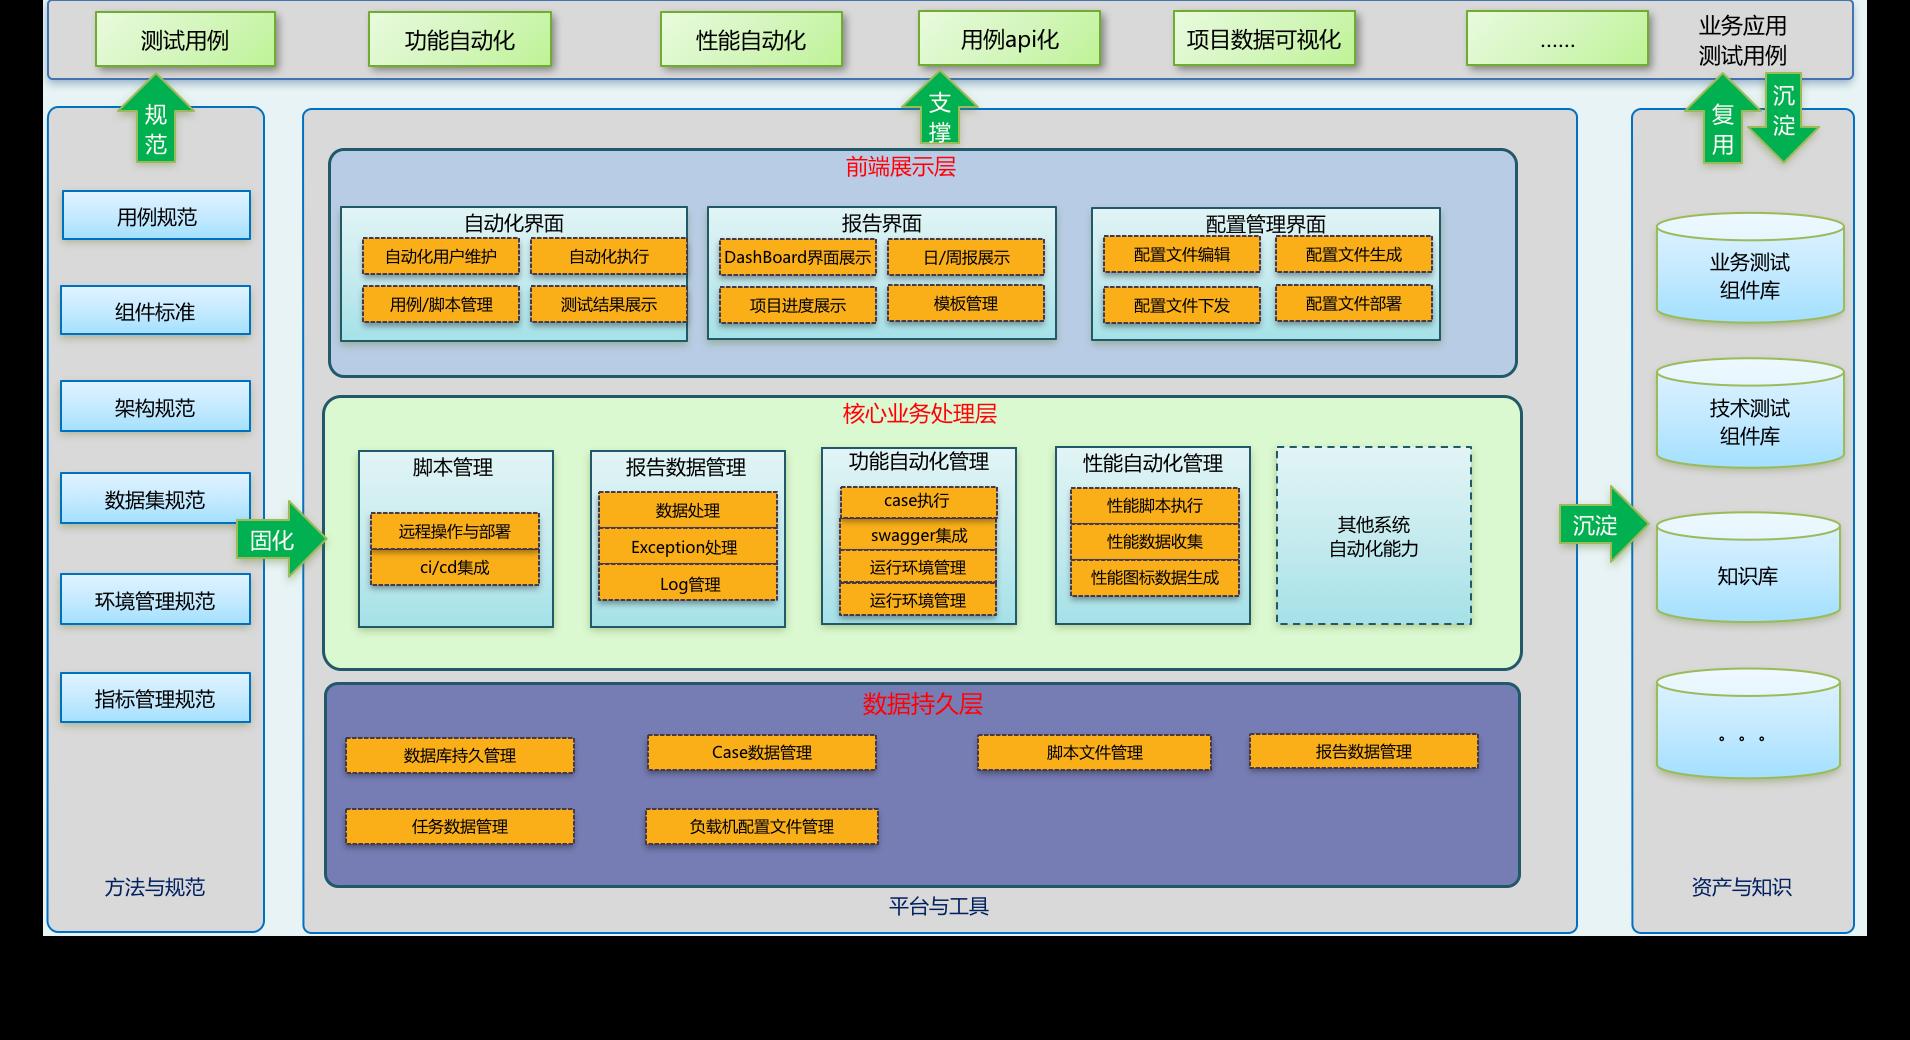 搭建测试微服务平台